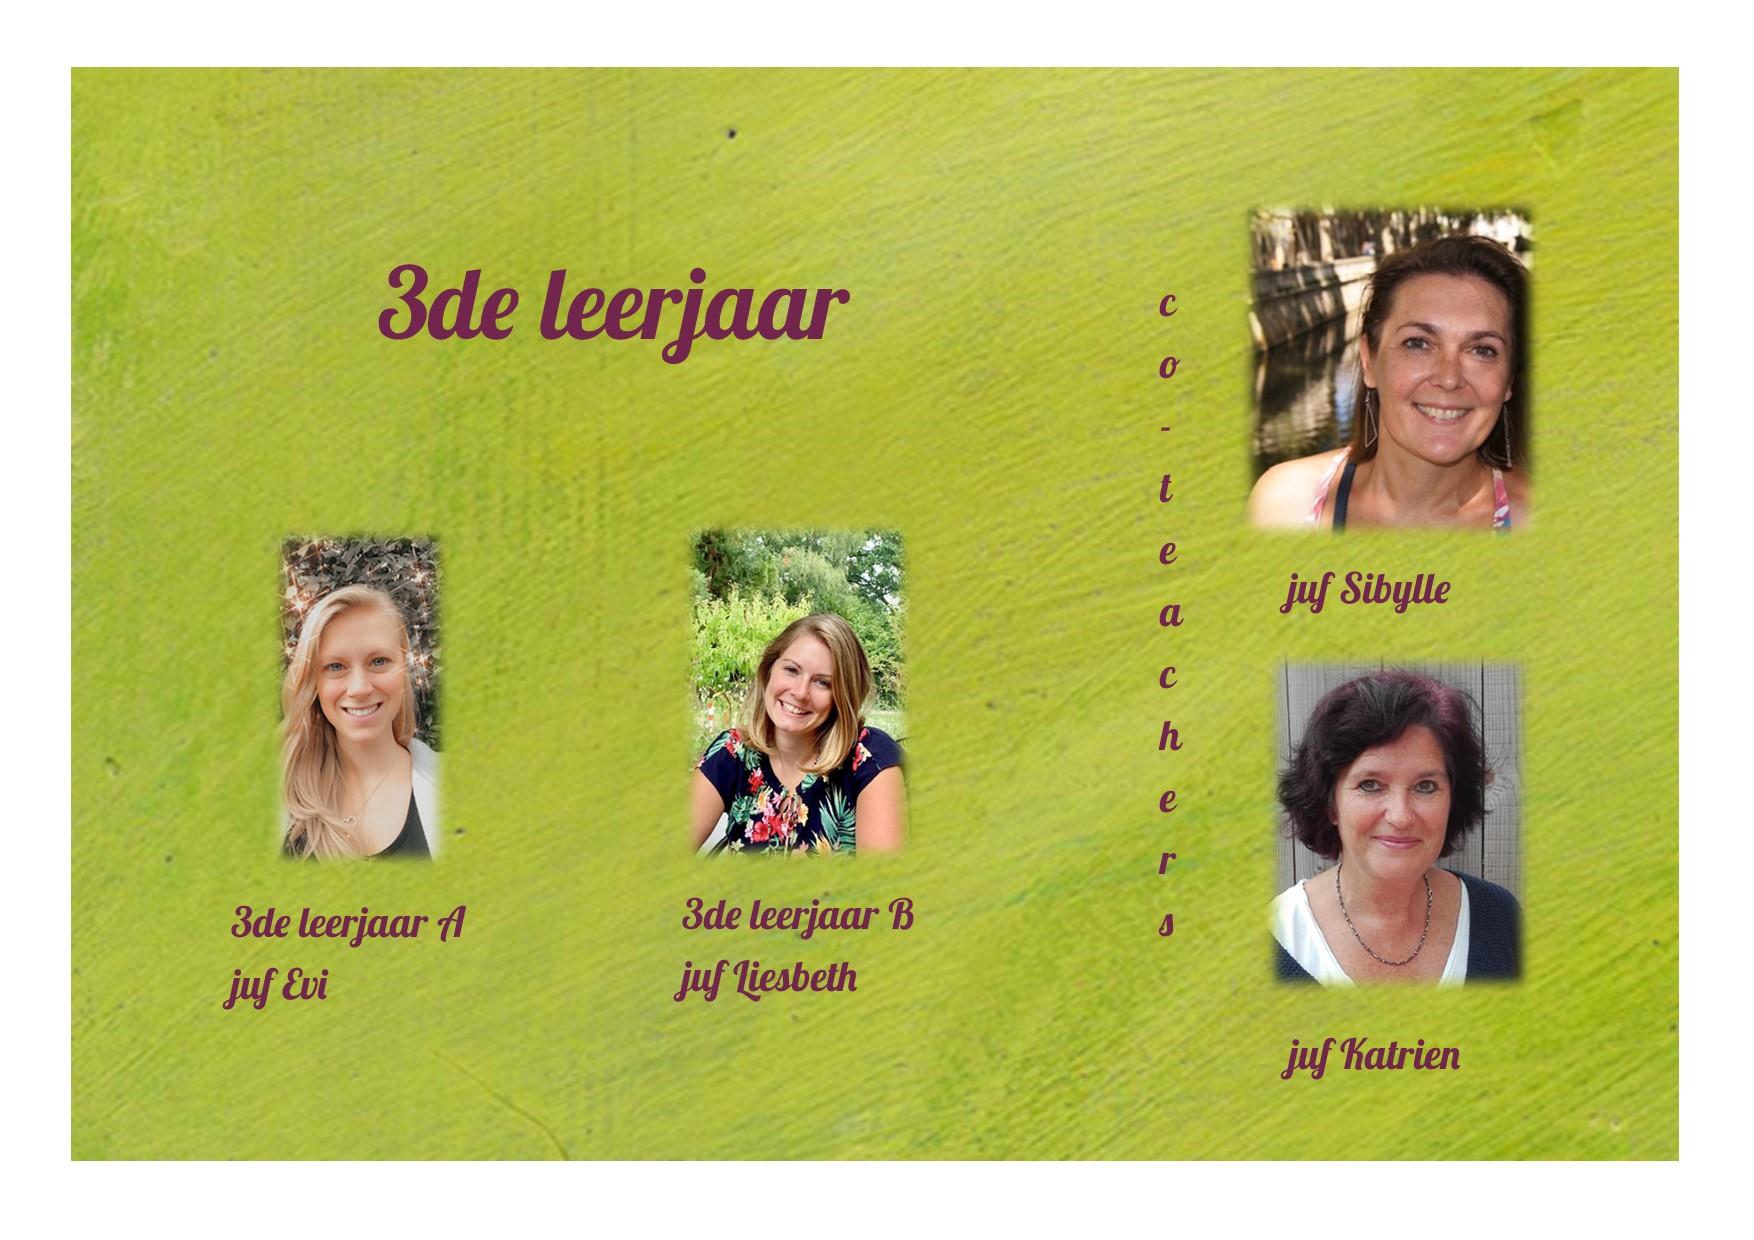 <p>3de leerjaar: juf Evi, juf Liesbeth, juf Sibylle en juf Katrien</p>